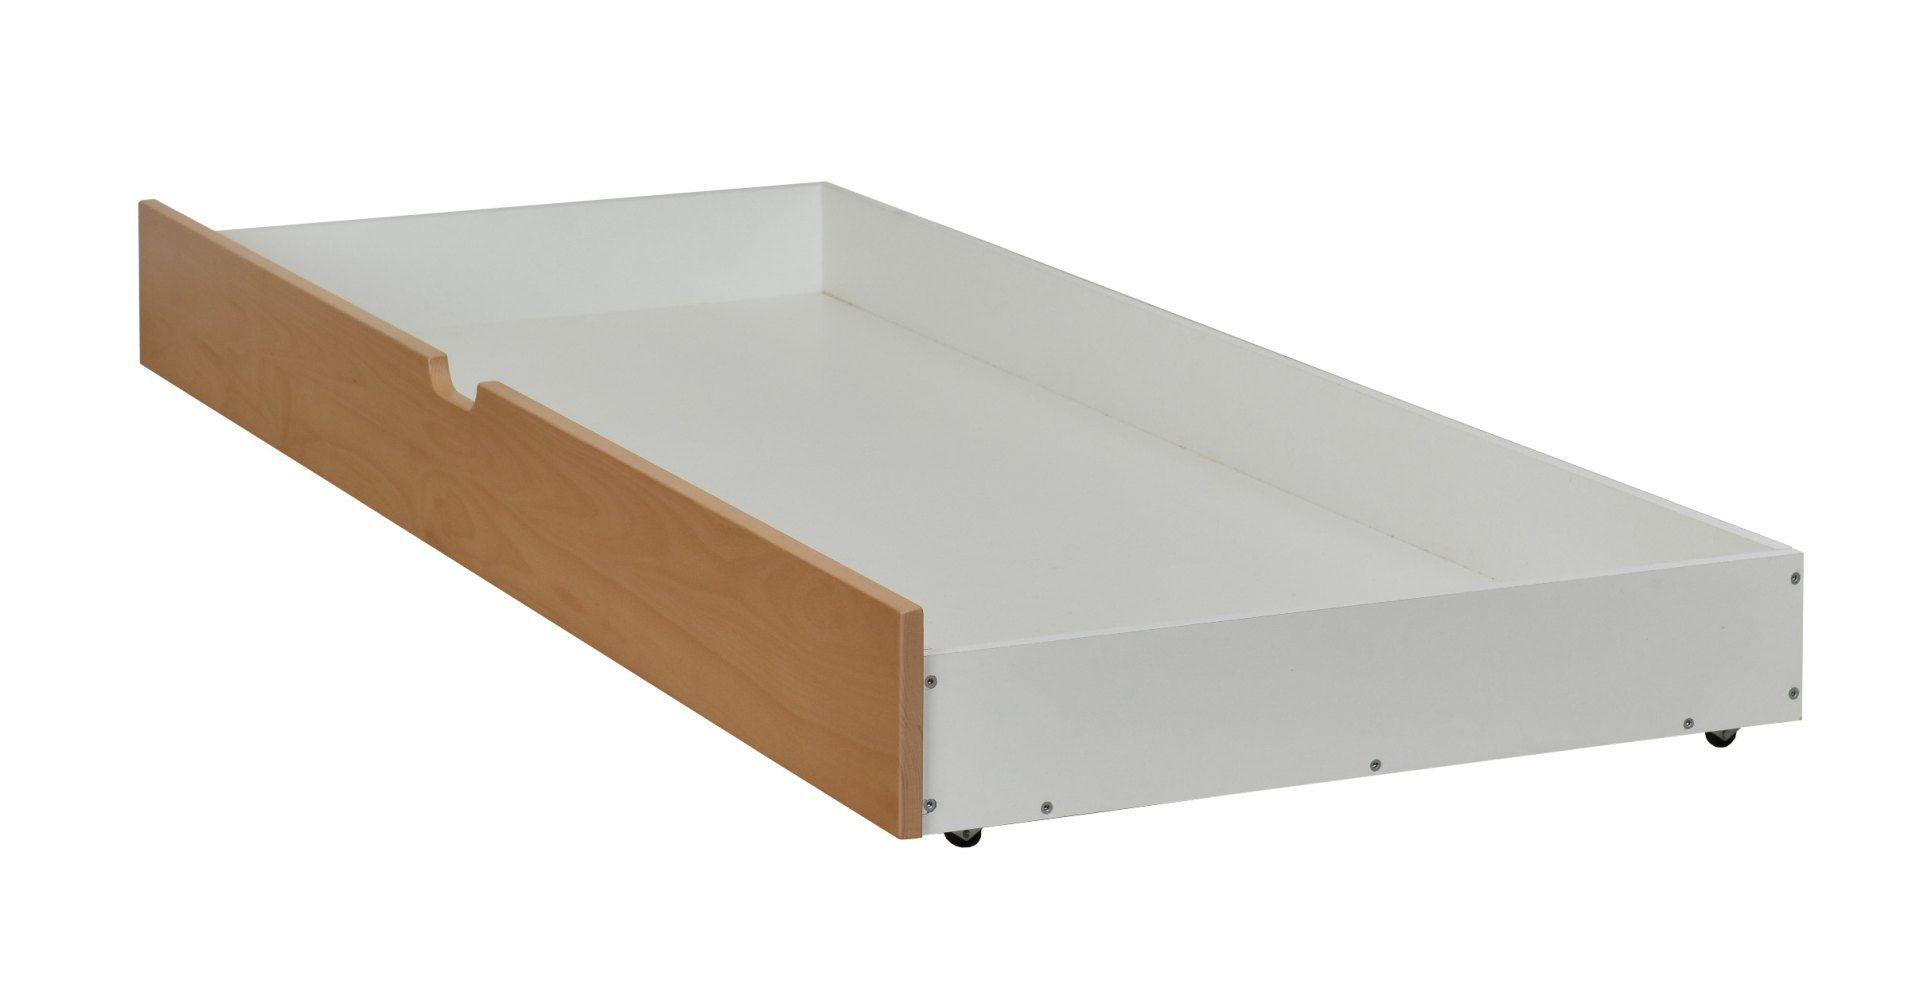 Schublade für Bett Benidorm und Pontevedra, teilmassiv, Farbe: Buche / Weiß - 18 x 199 x 78 cm (H x B x L)